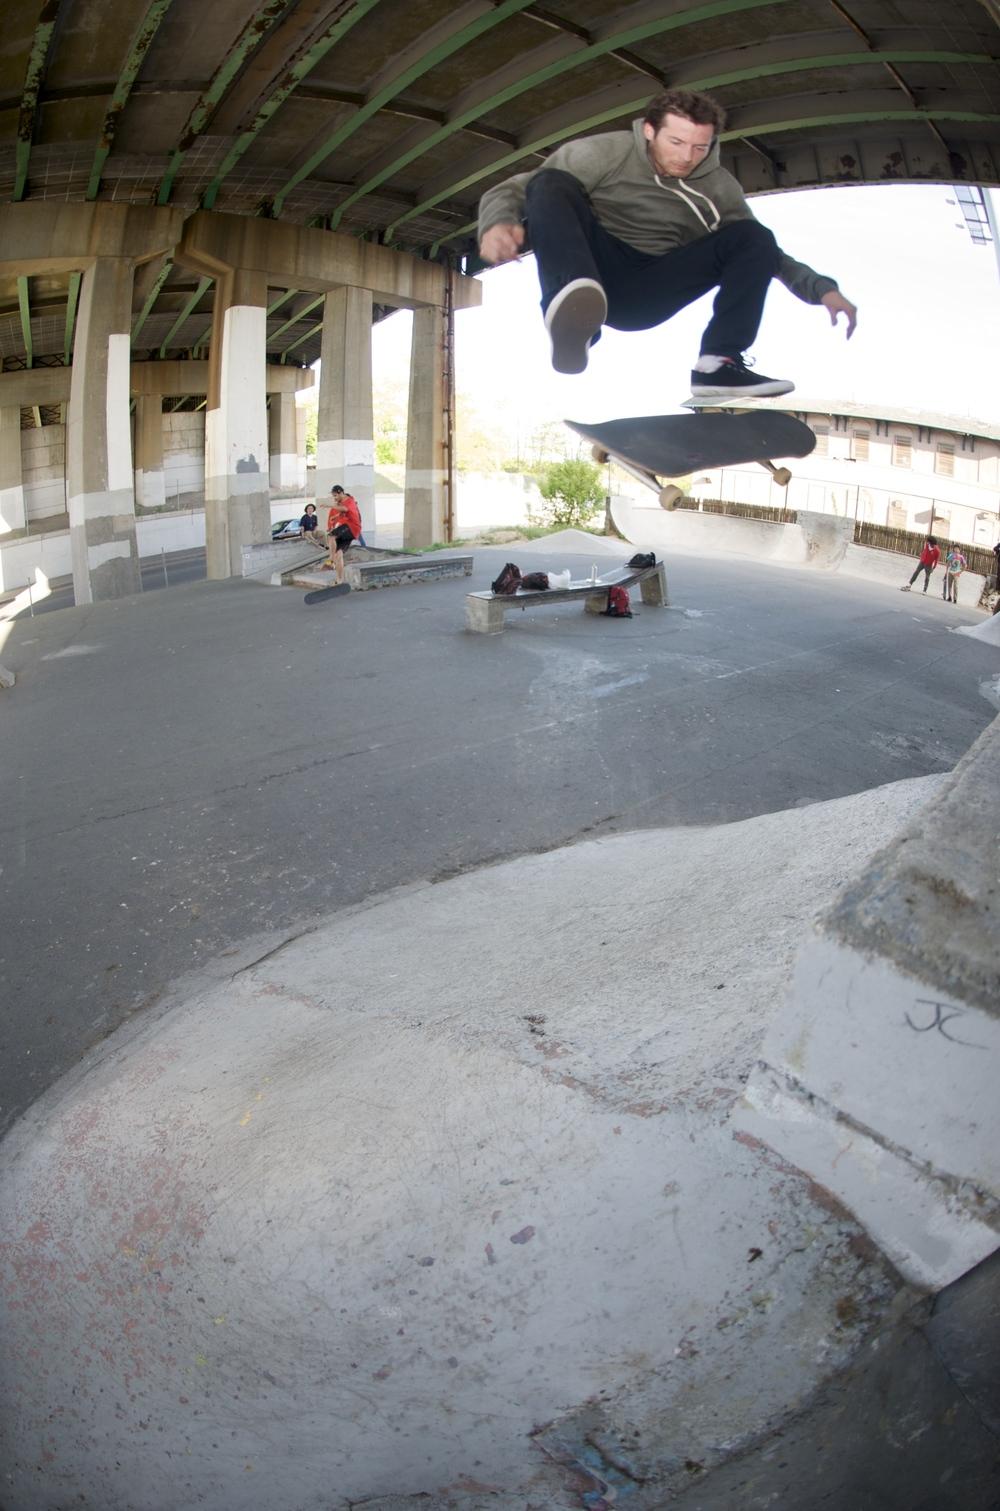 CHRIS 'COOKIE' COLBURN / KICKFLIP / NB, MA